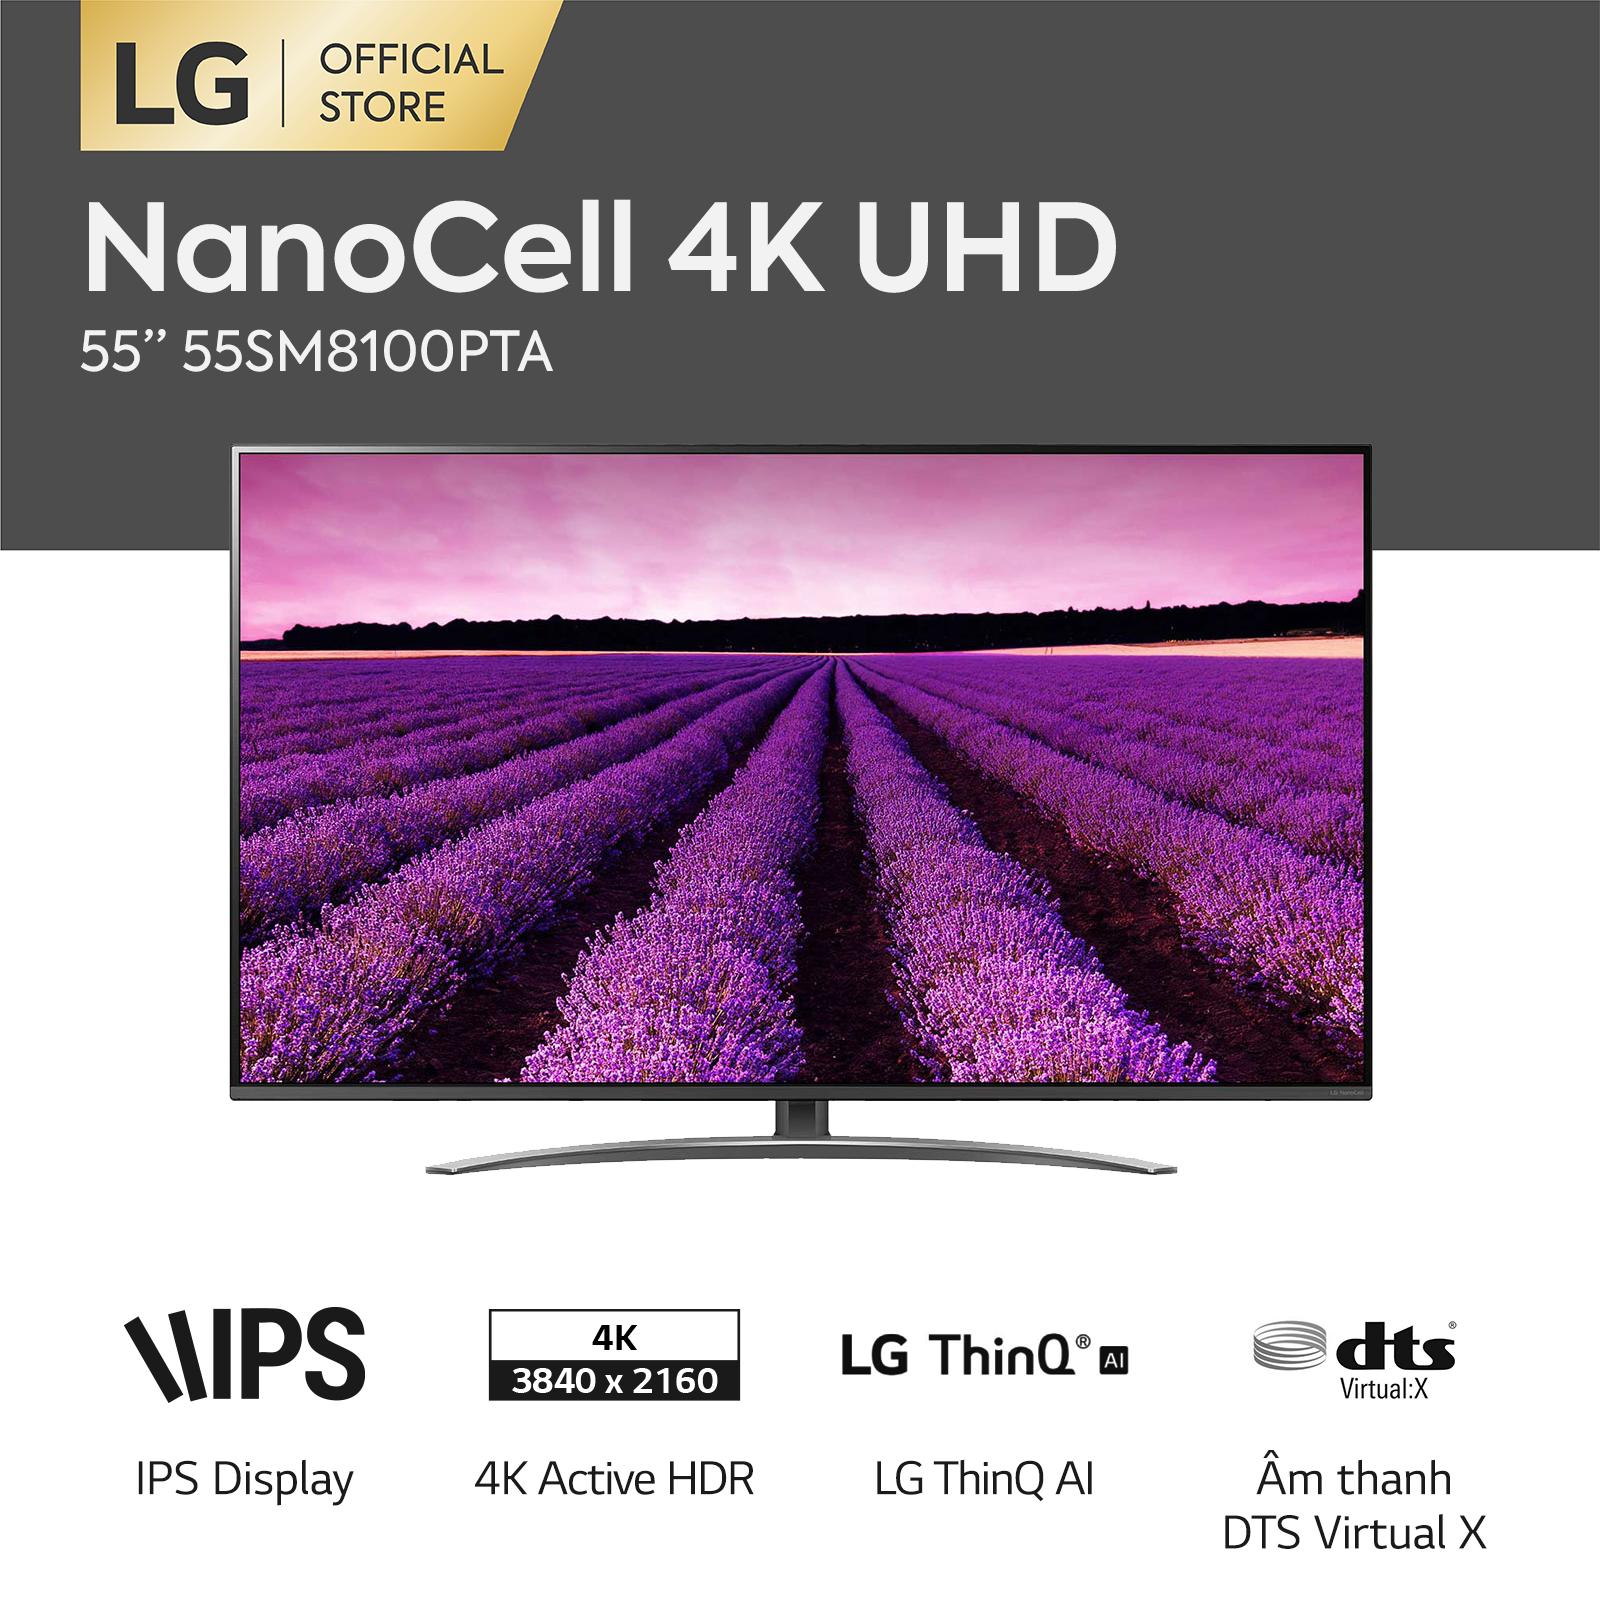 [FREESHIP 500K TOÀN QUỐC] Smart TV LG 55inch 4K UHD – Model 55SM8100PTA (2019) độ phân giải 3840×2160, hệ điều hành webOS 4.0, trí tuệ nhân tạo AI – Hãng phân phối chính thức